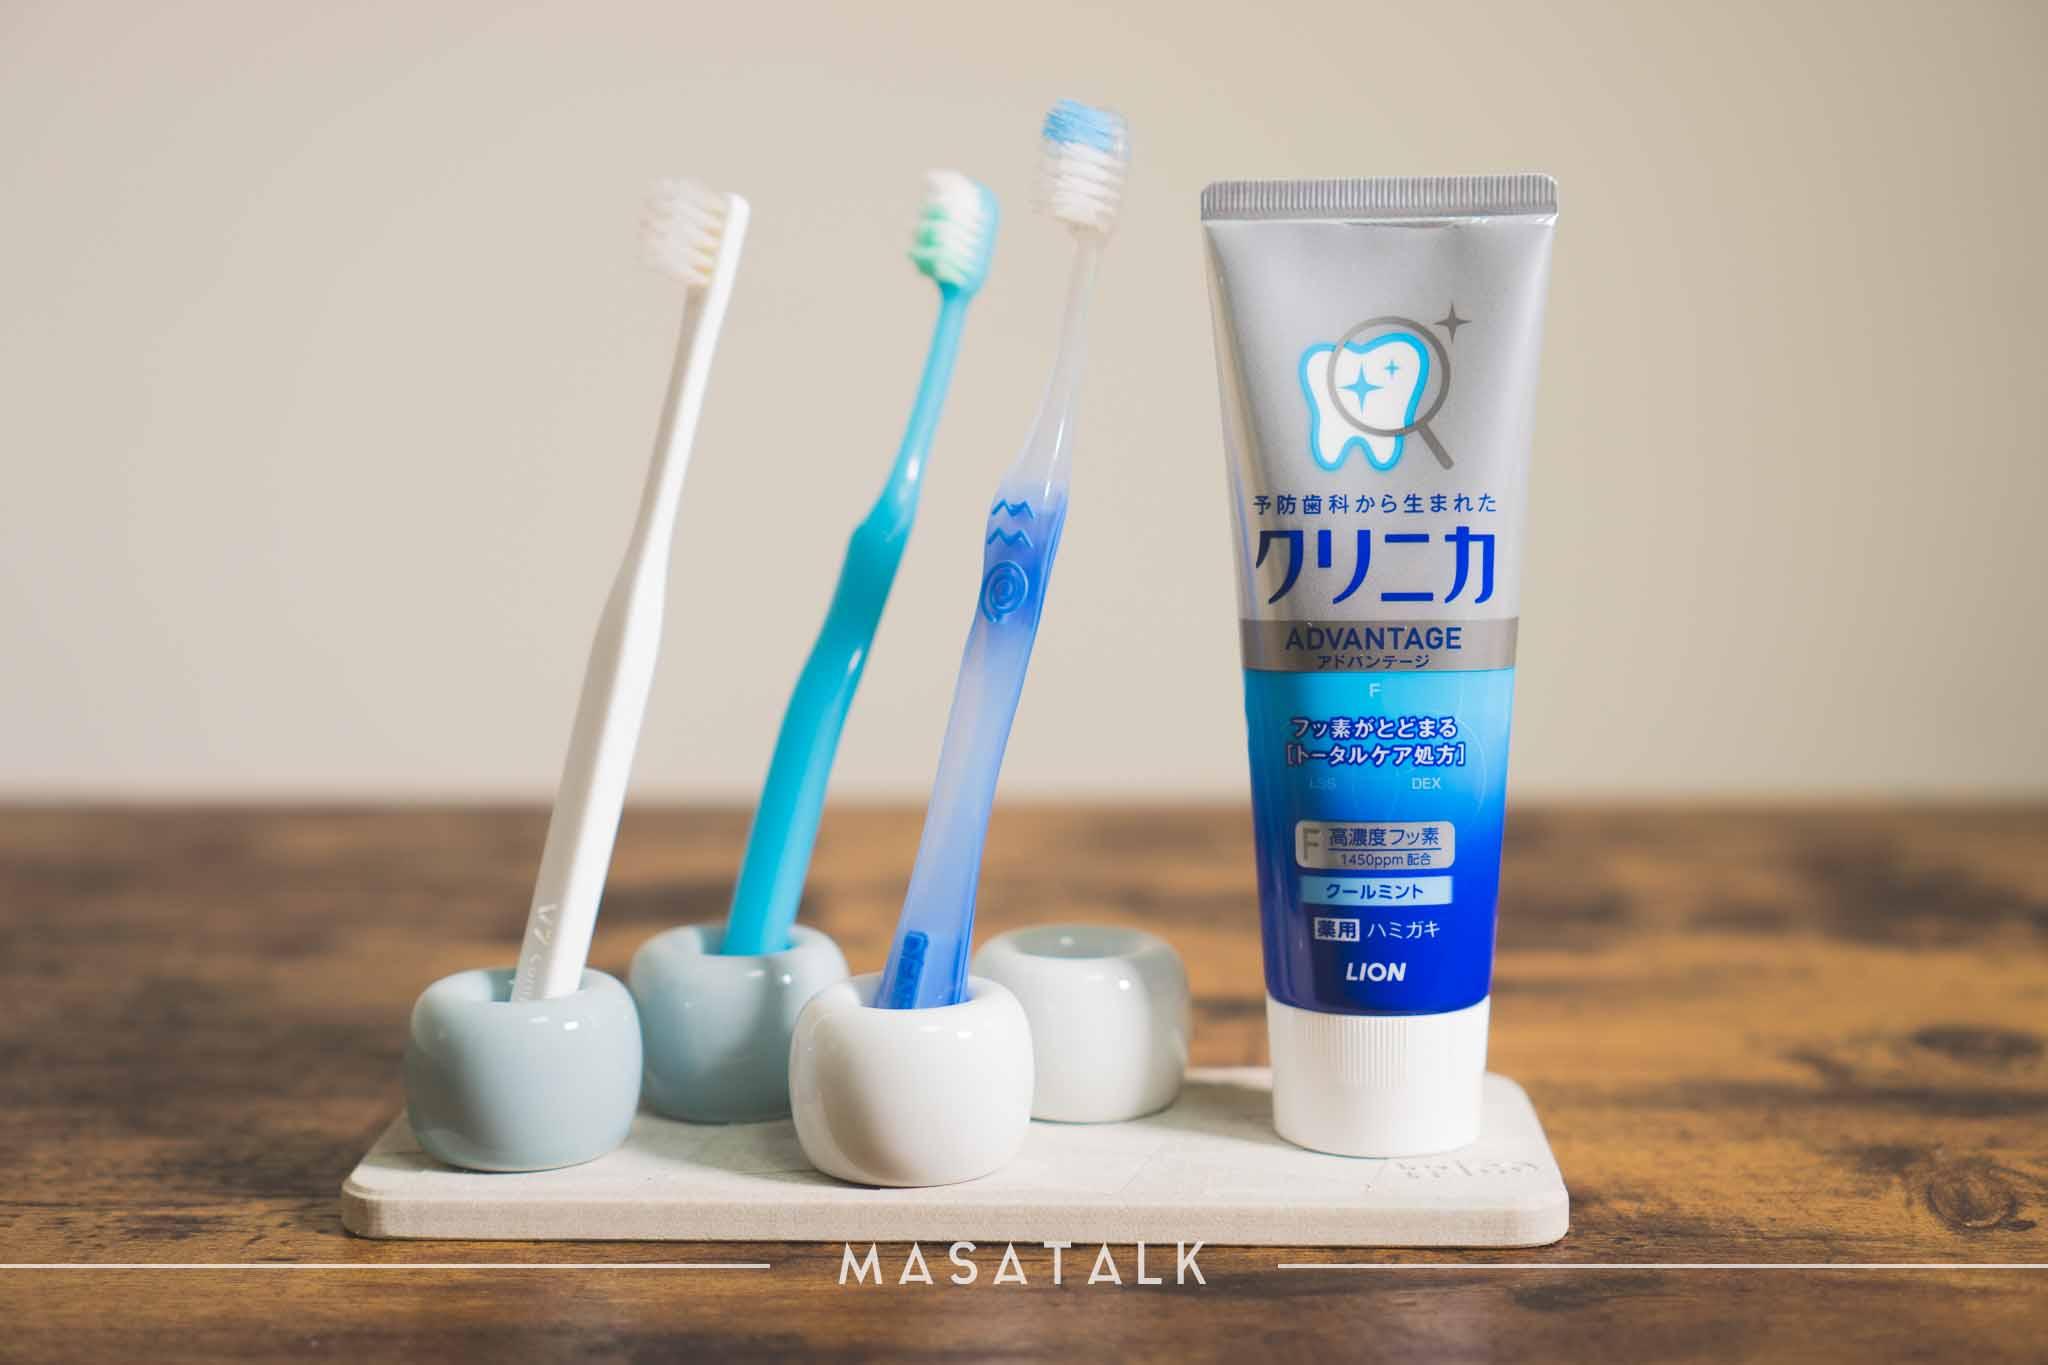 水がたまらない衛生的な歯ブラシ置き「珪藻土トレイ」と「無印の歯ブラシスタンド」の組み合わせ